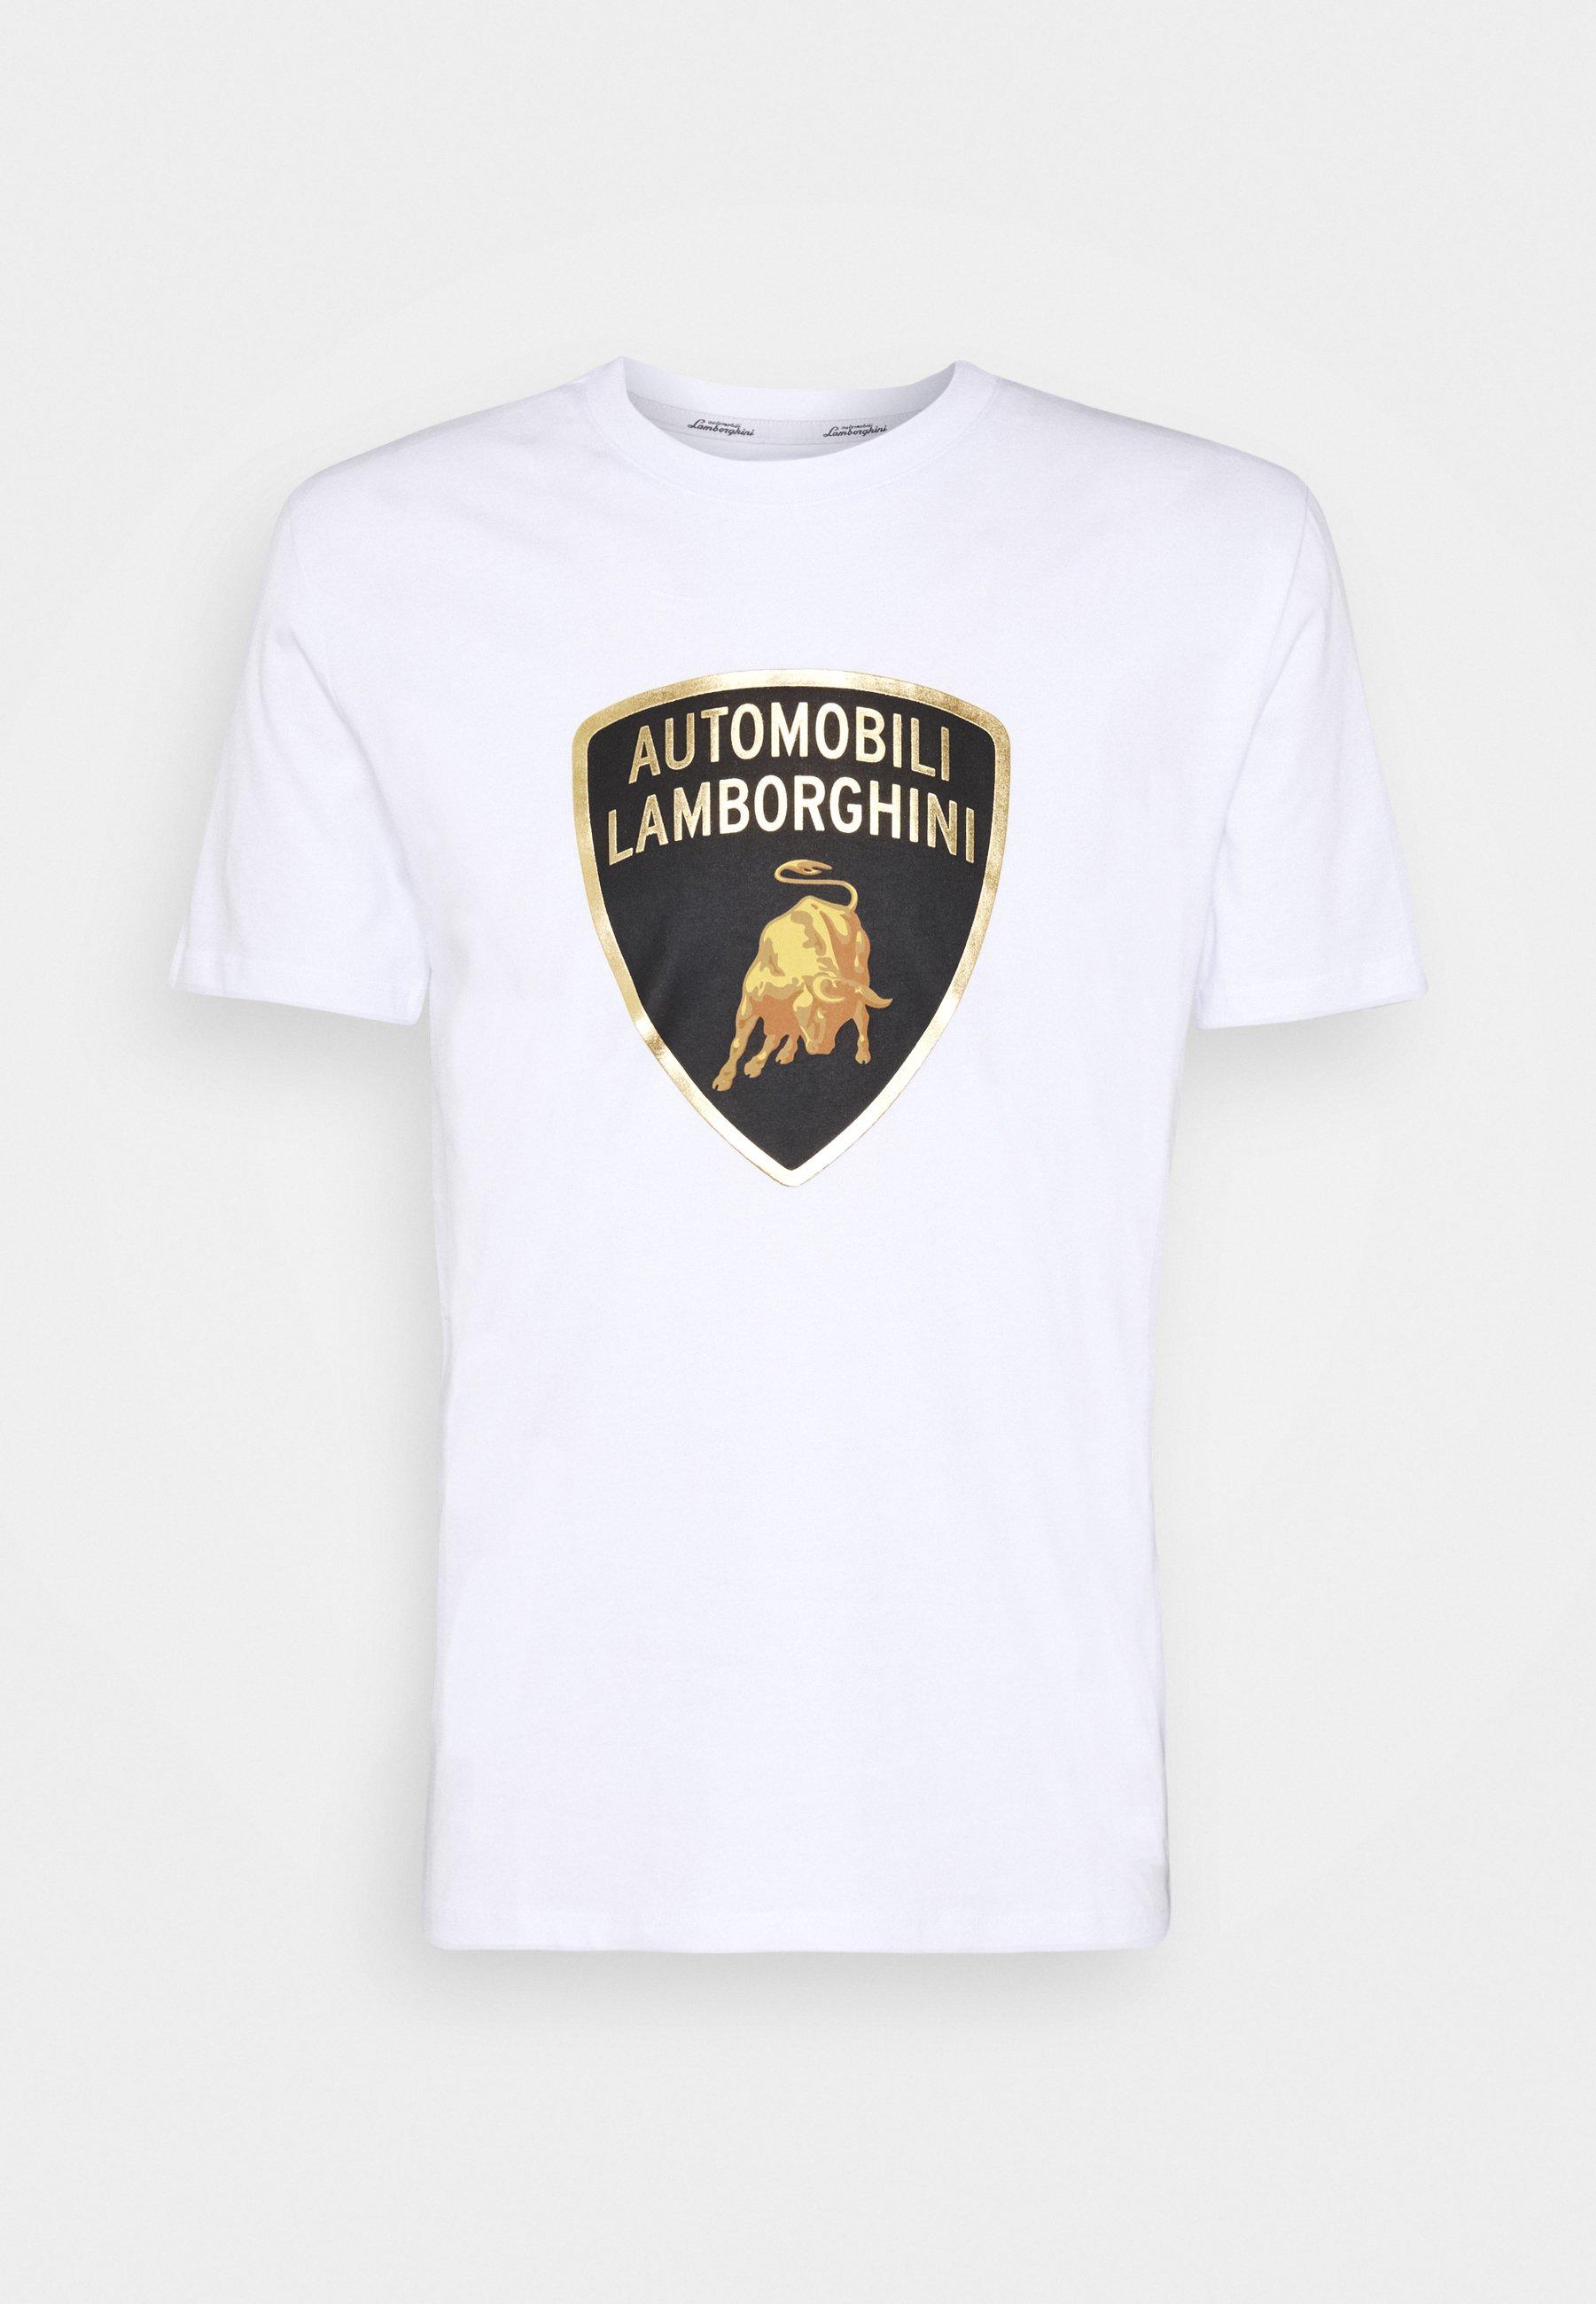 Lamborghini T-shirt Print - Navy Blue